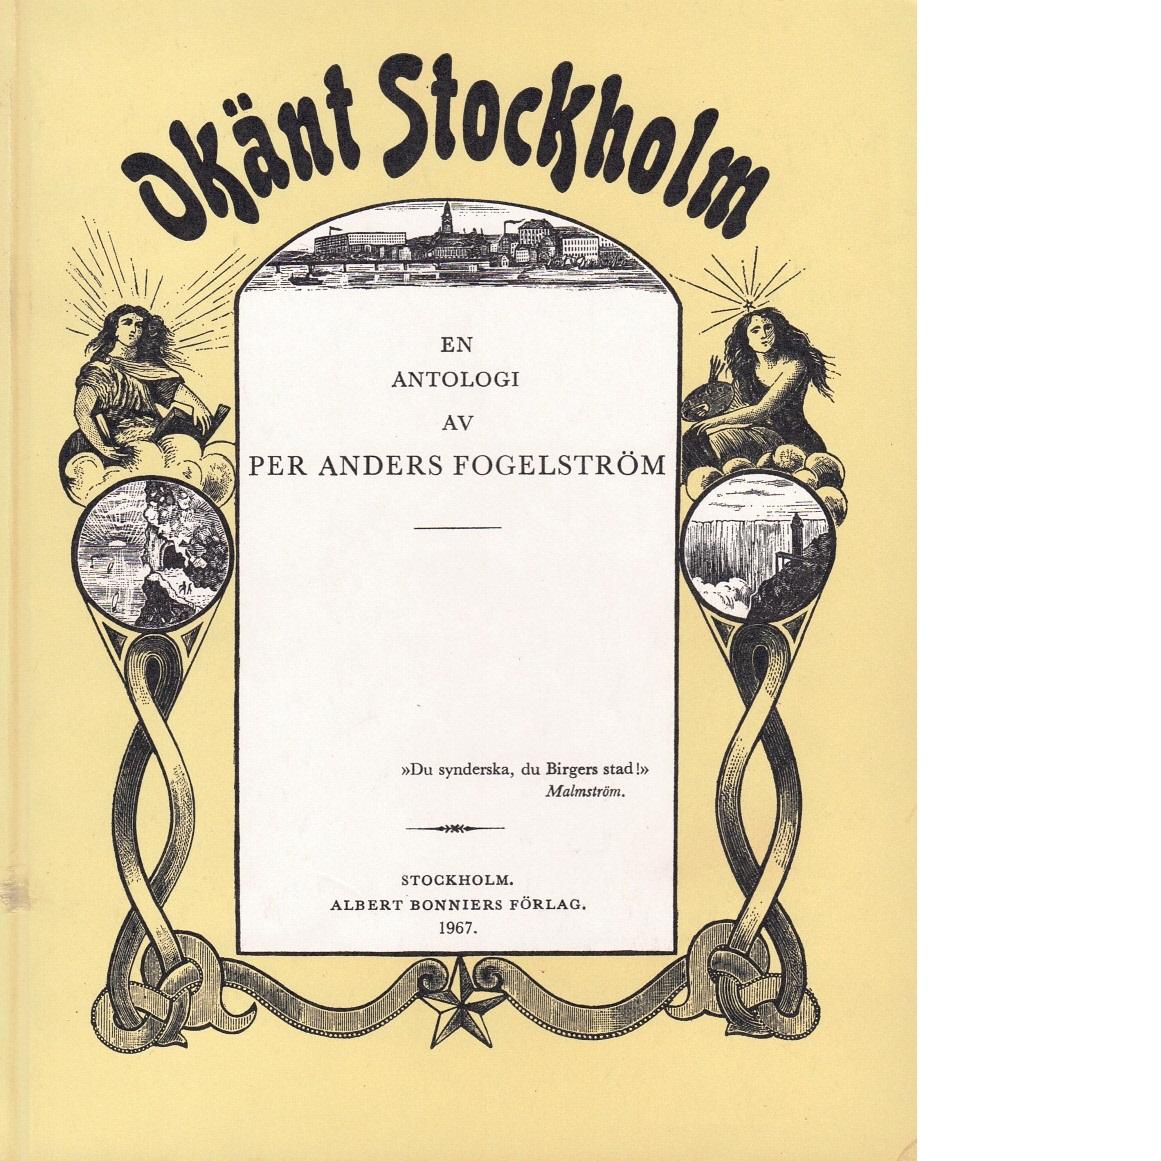 Okänt Stockholm : en antologi - Fogelström, Per Anders